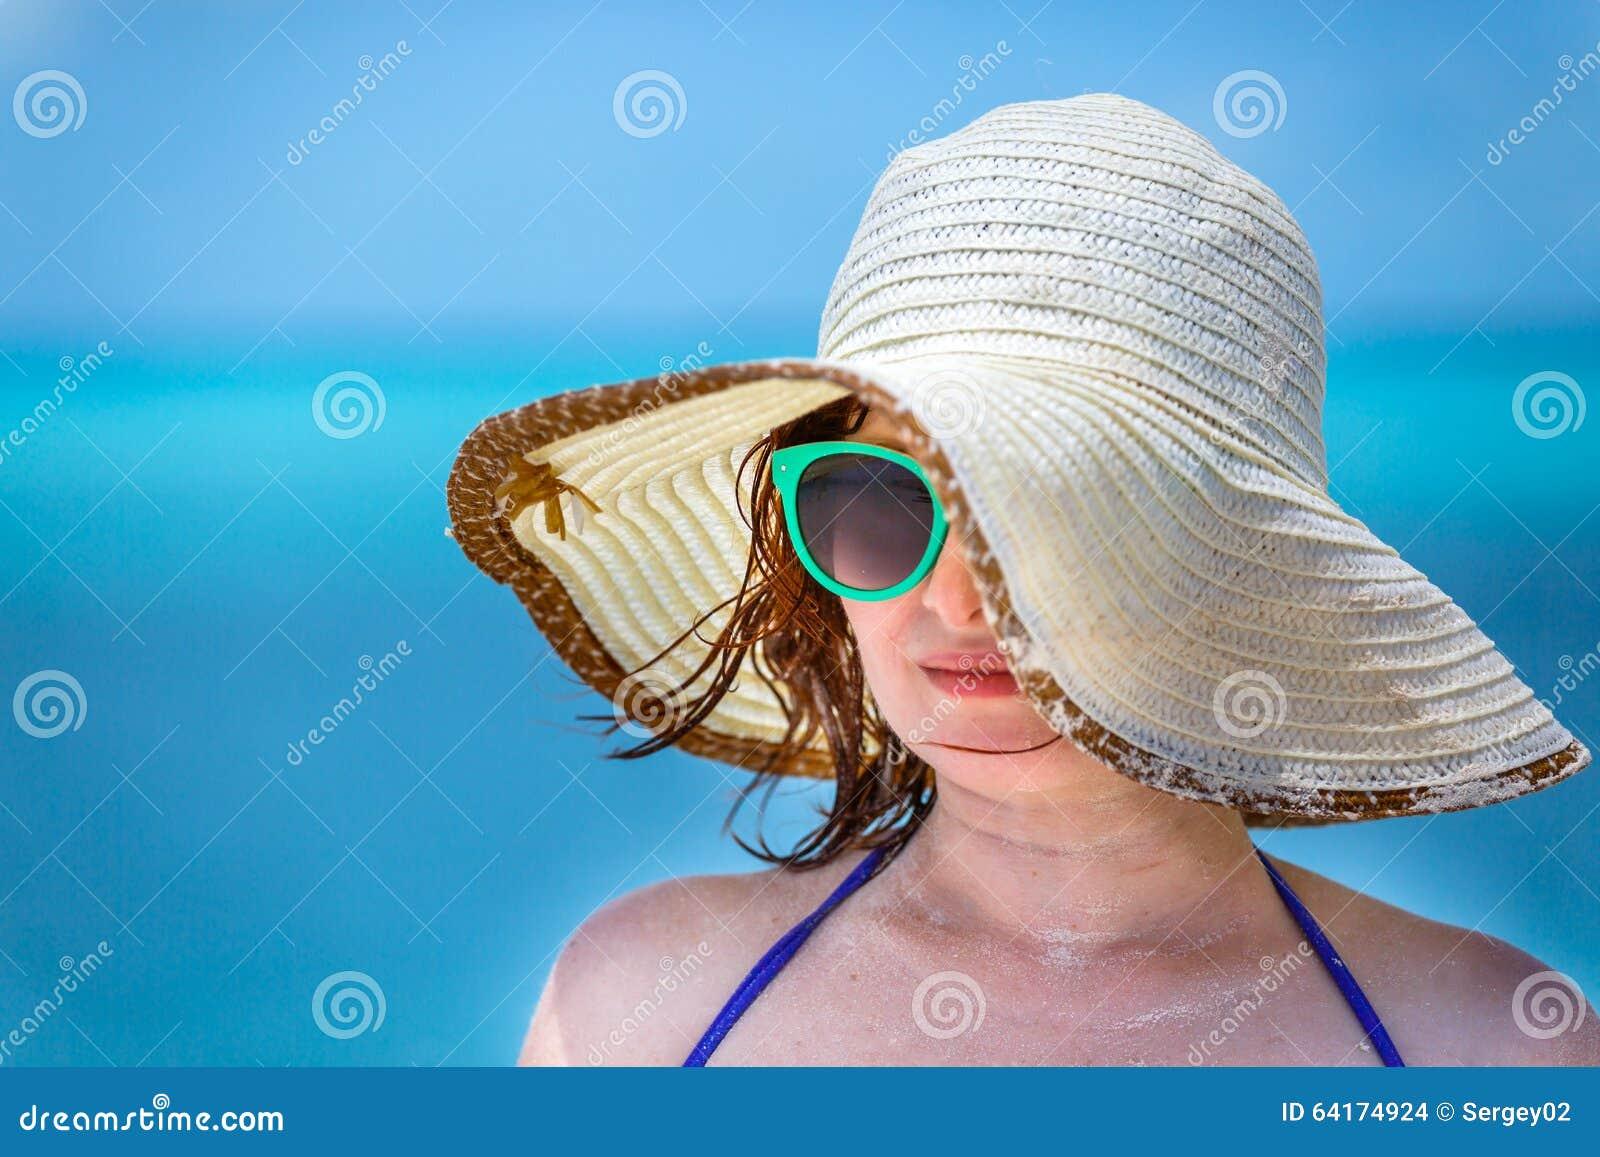 Młoda dziewczyna na plaży w zielonych szkłach